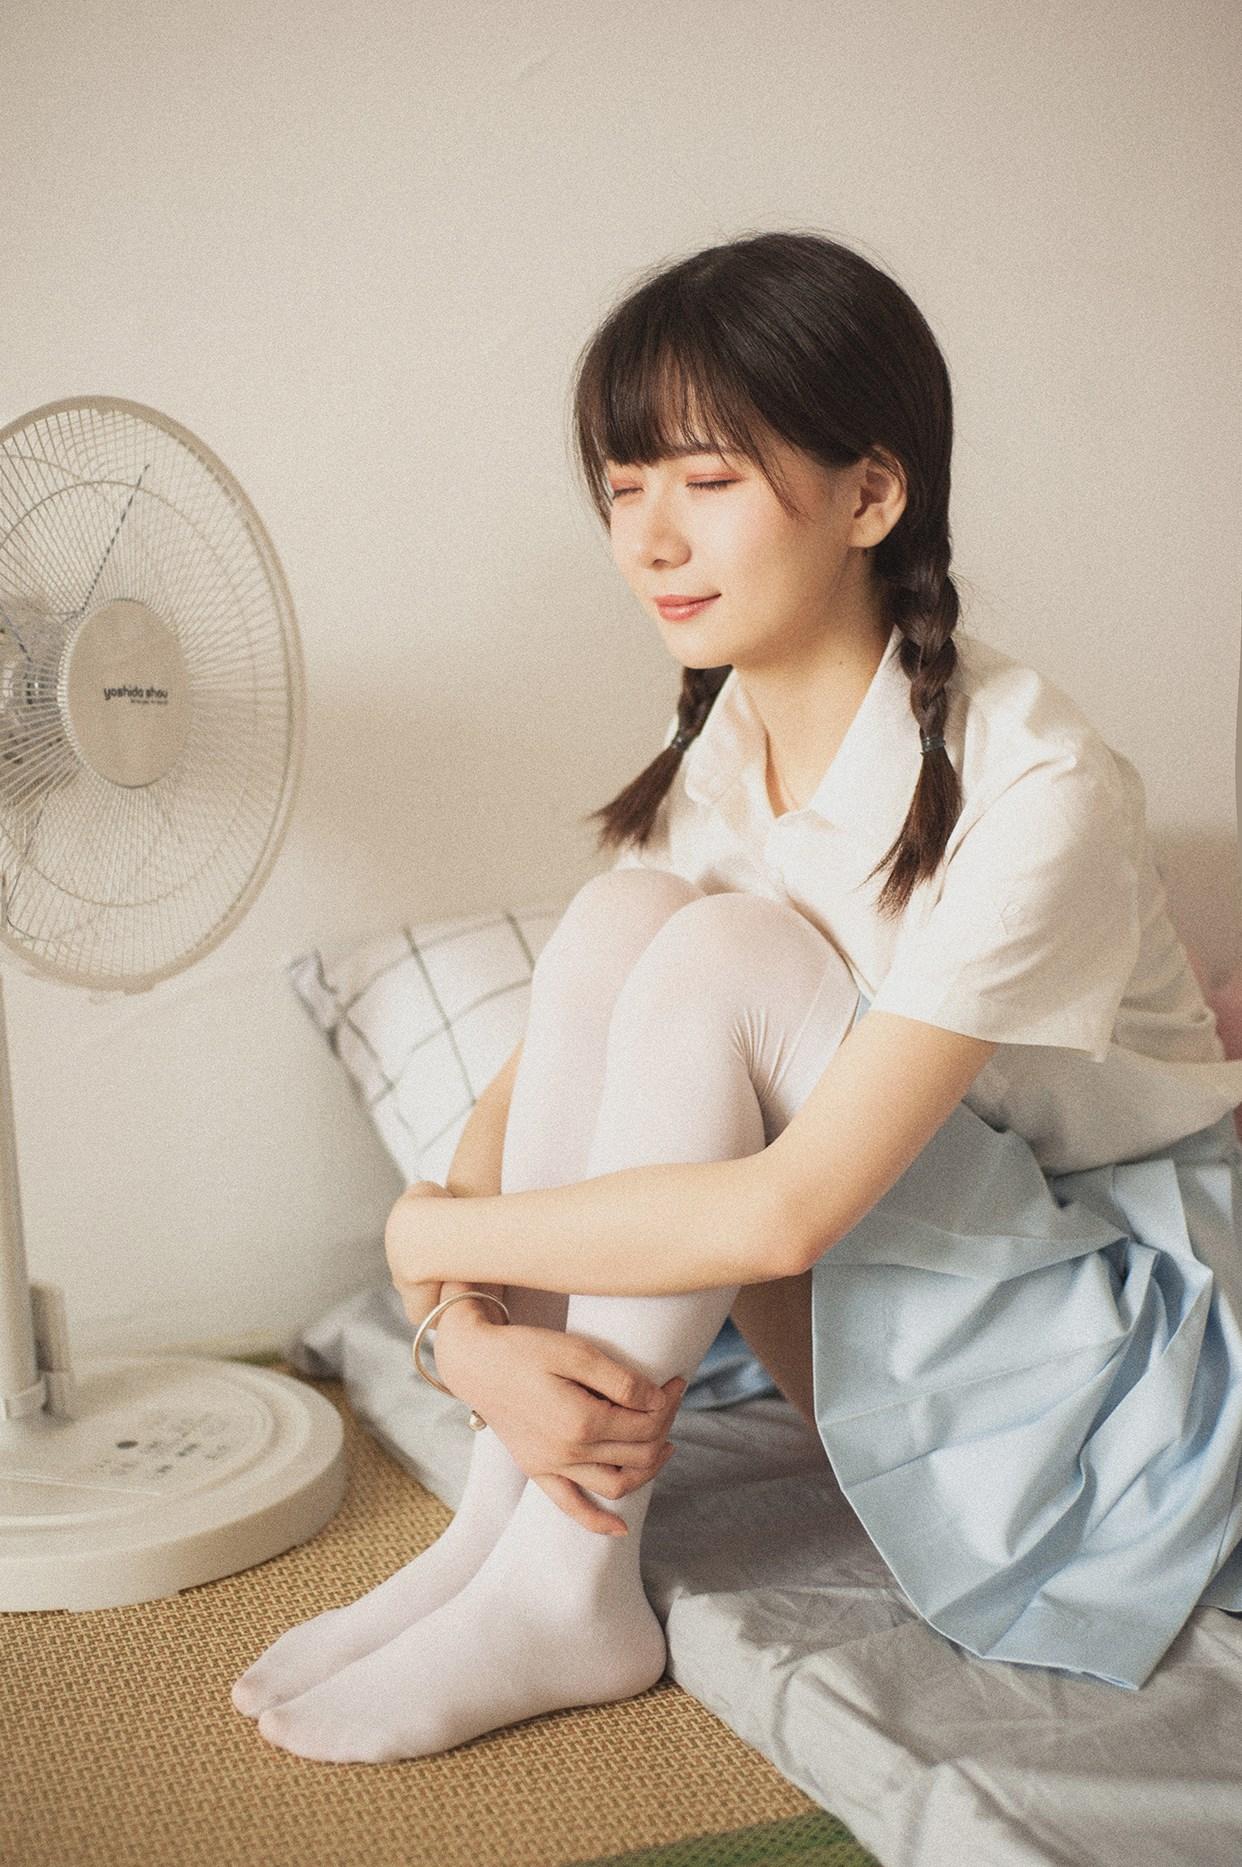 【兔玩映画】夏天的小裙子 兔玩映画 第15张